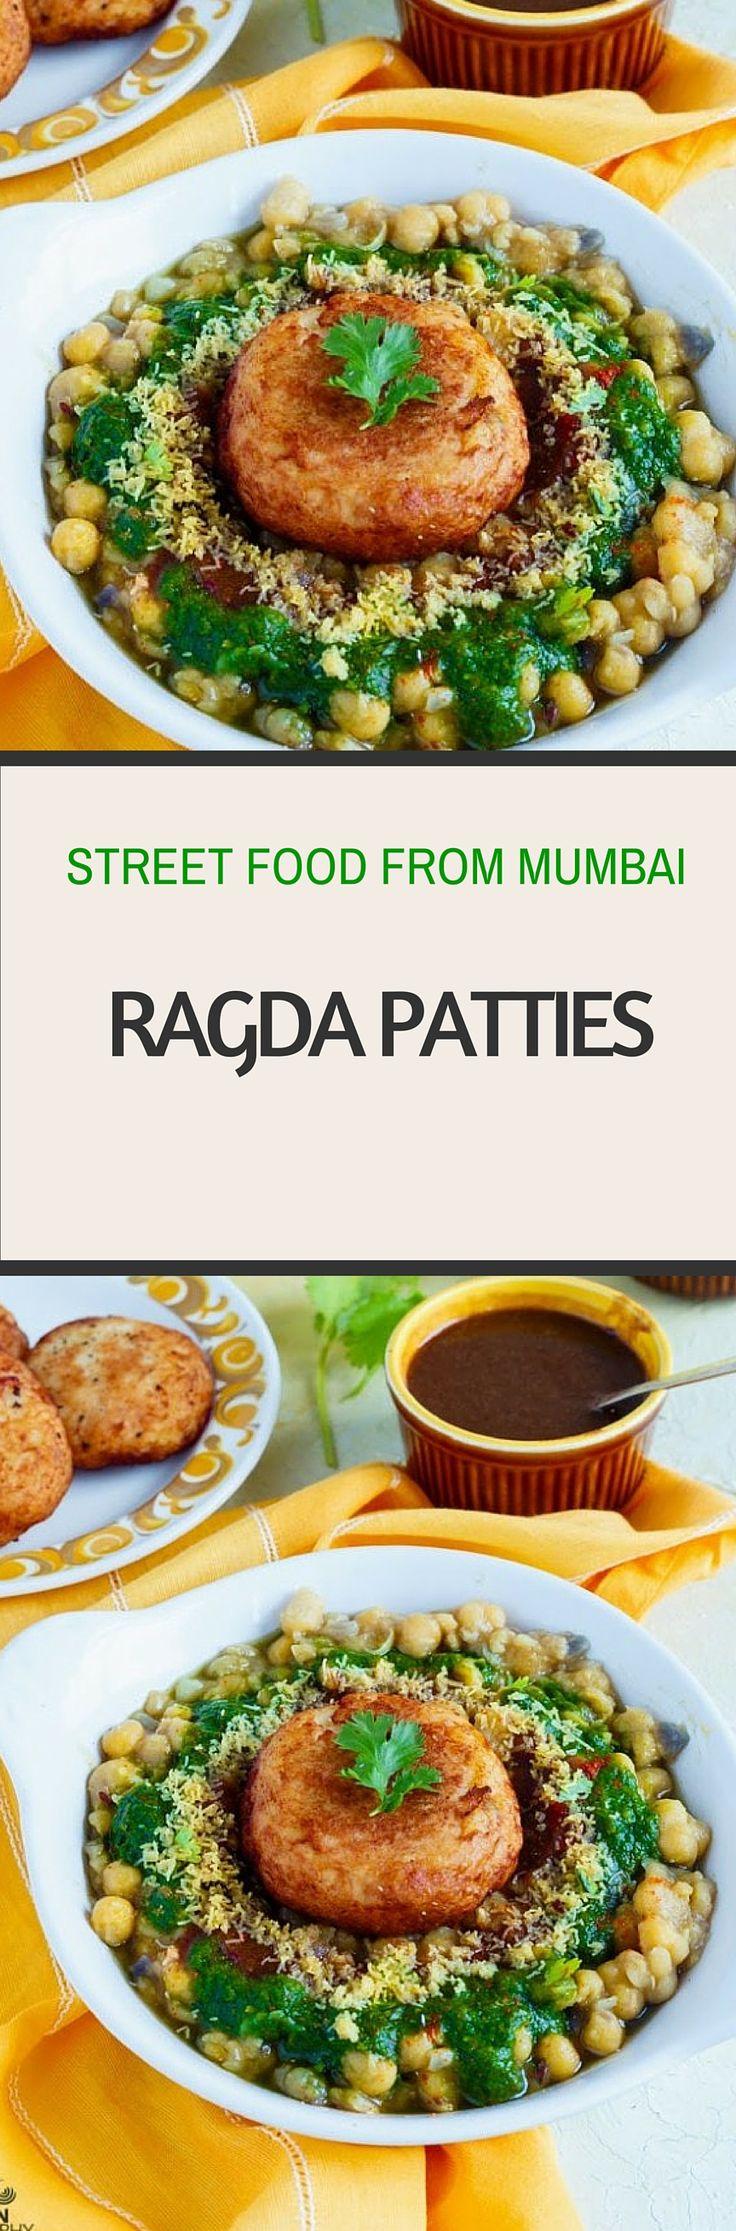 Ragda Patties, Street Food from Mumbai.